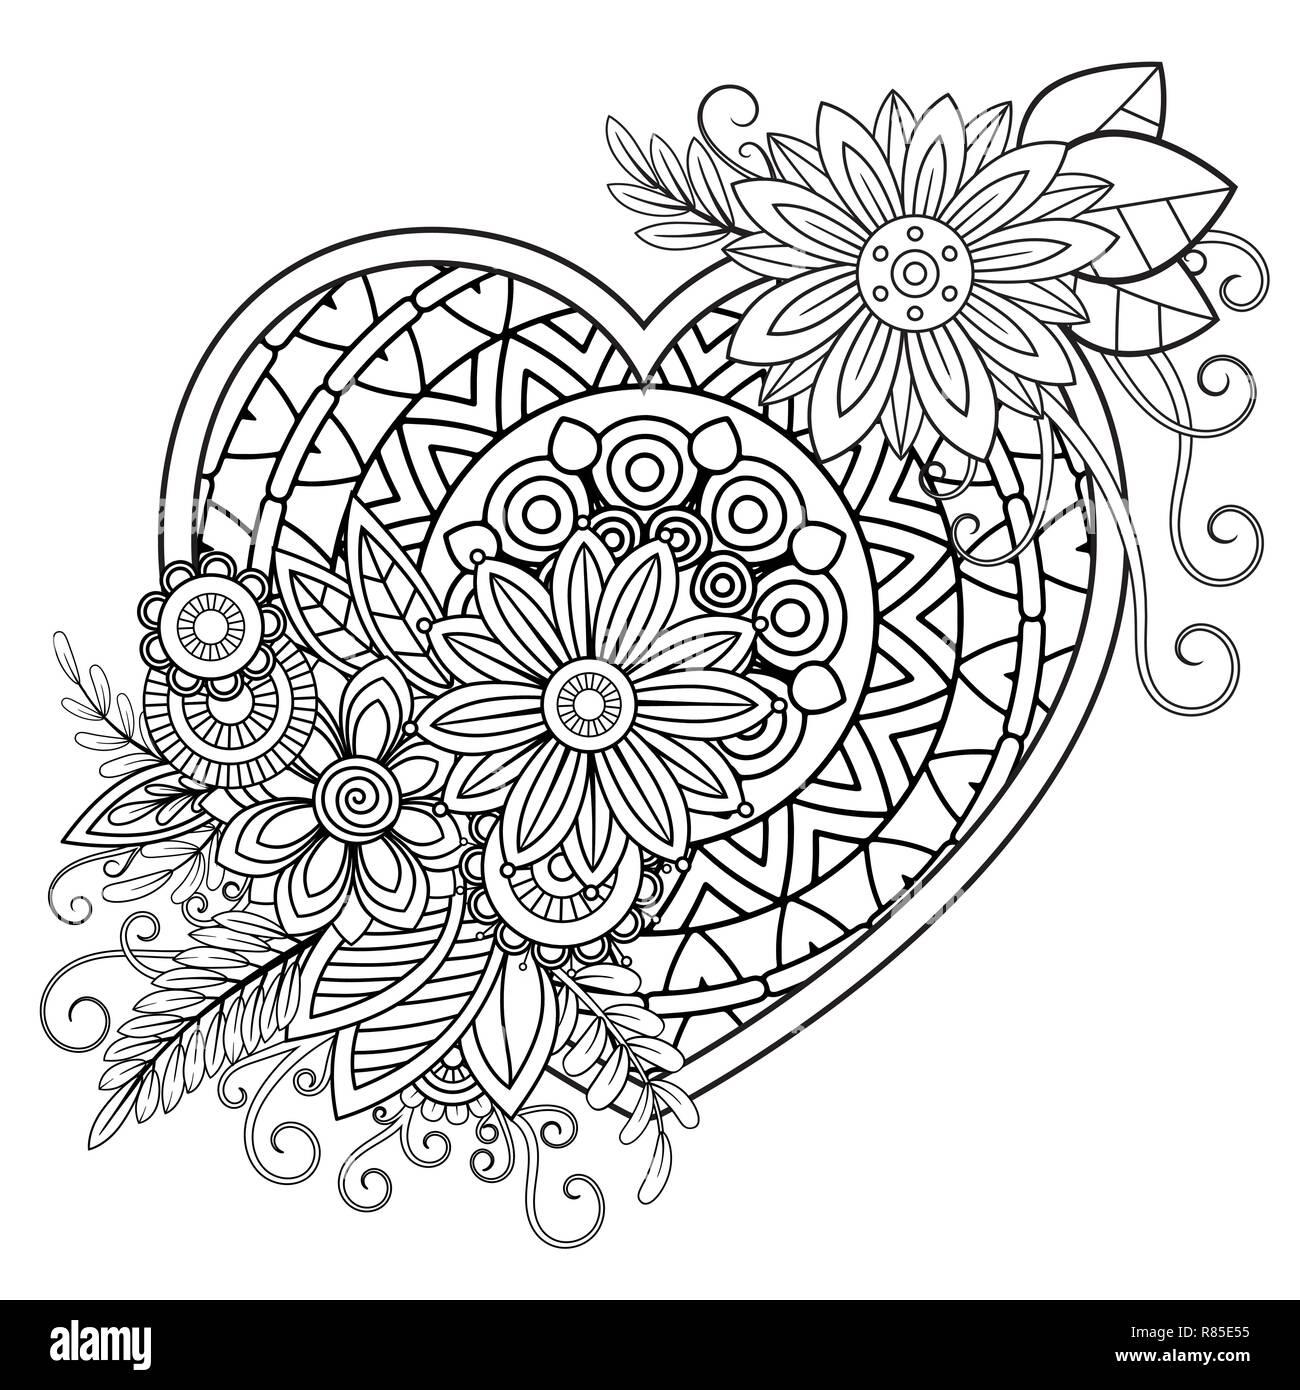 Corazón Con Dibujos Florales Día De San Valentín Adulto Página Para